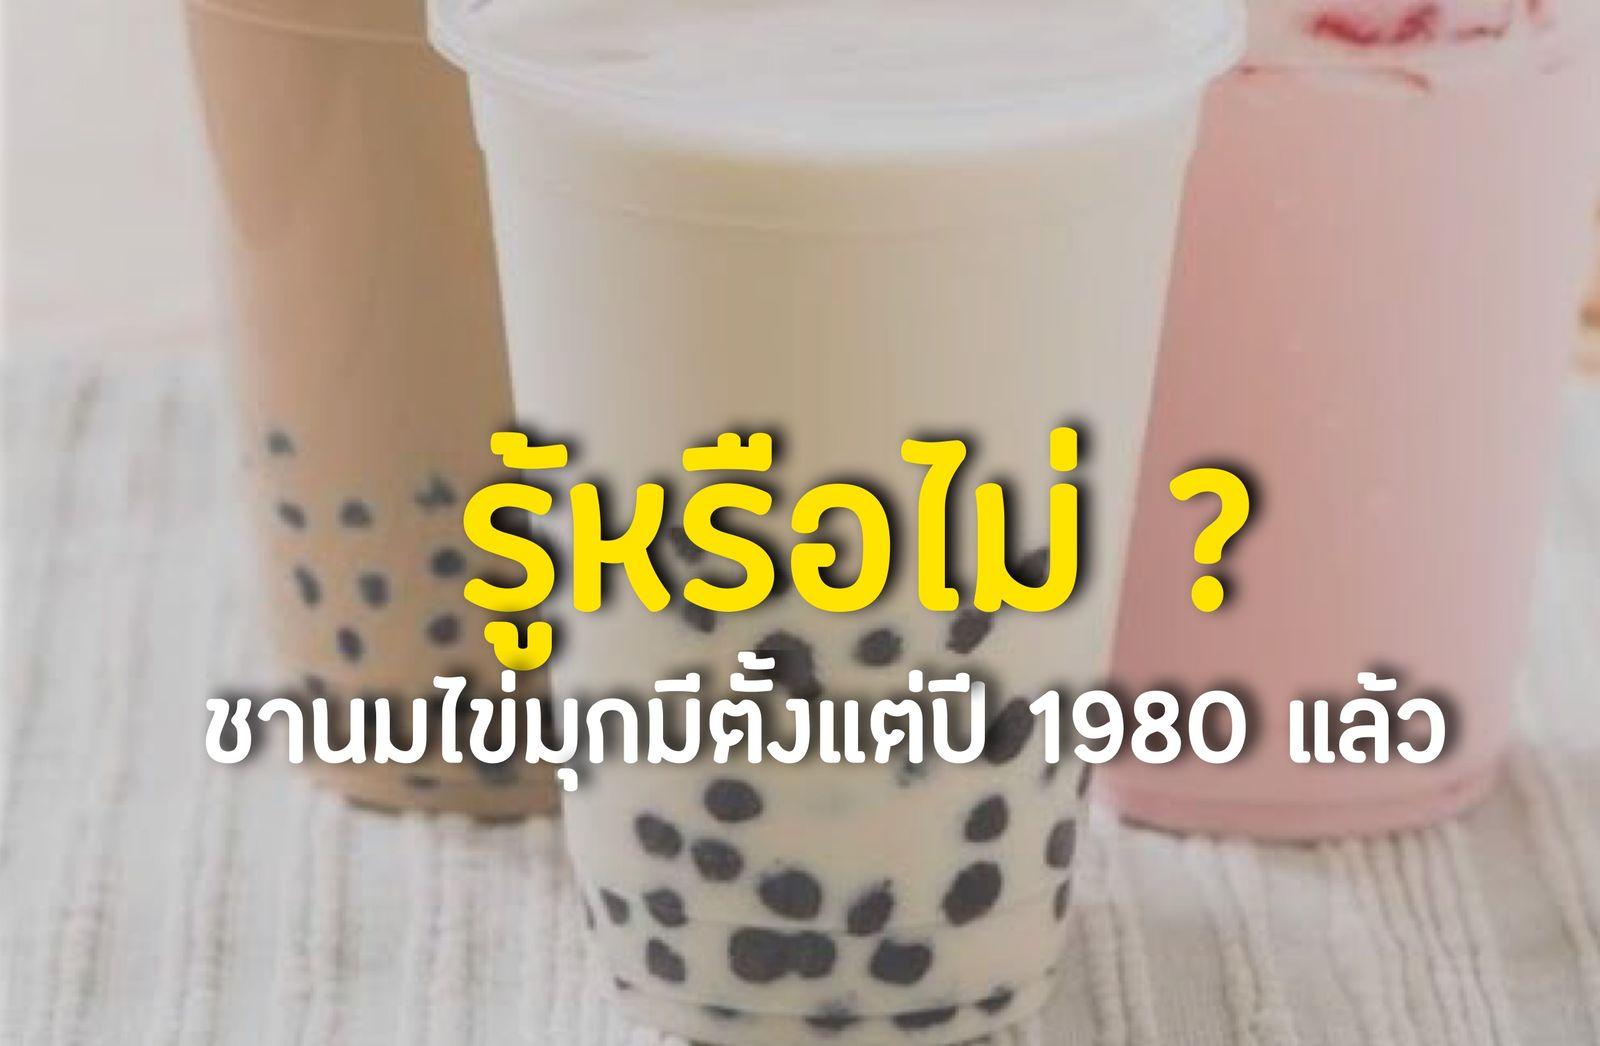 รู้หรือไม่ ? : ชานมไข่มุกมีตั้งแต่ปี 1980 แล้ว